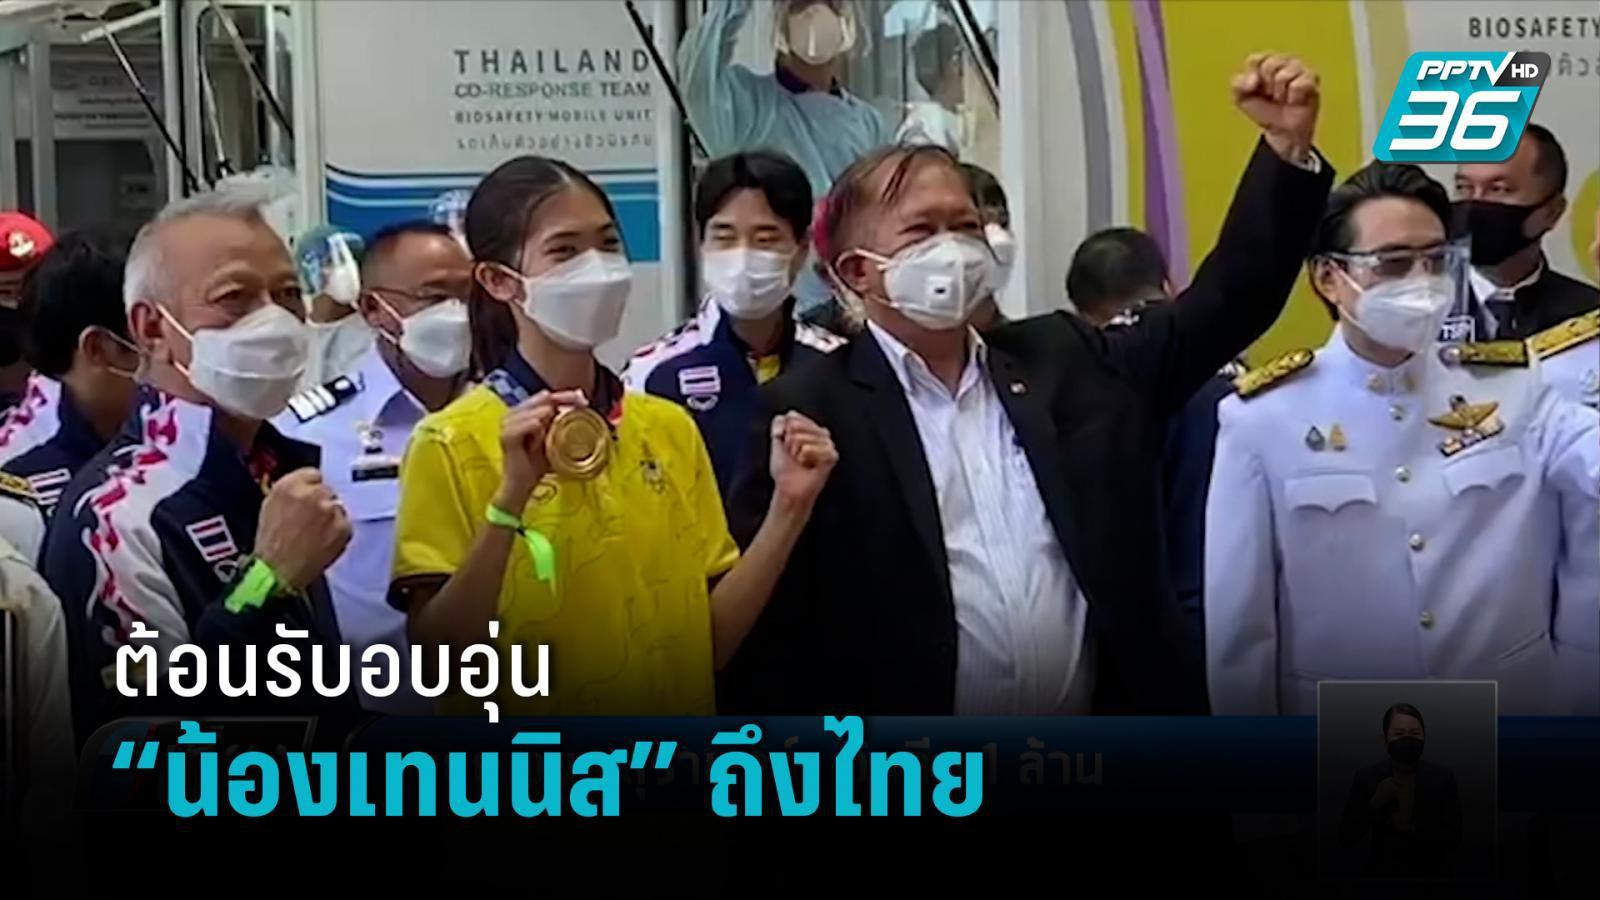 """""""น้องเทนนิส"""" ถึงไทยแล้ว ต้อนรับอบอุ่น พ่อคล้องเหรียญทองให้ลูกสาว"""